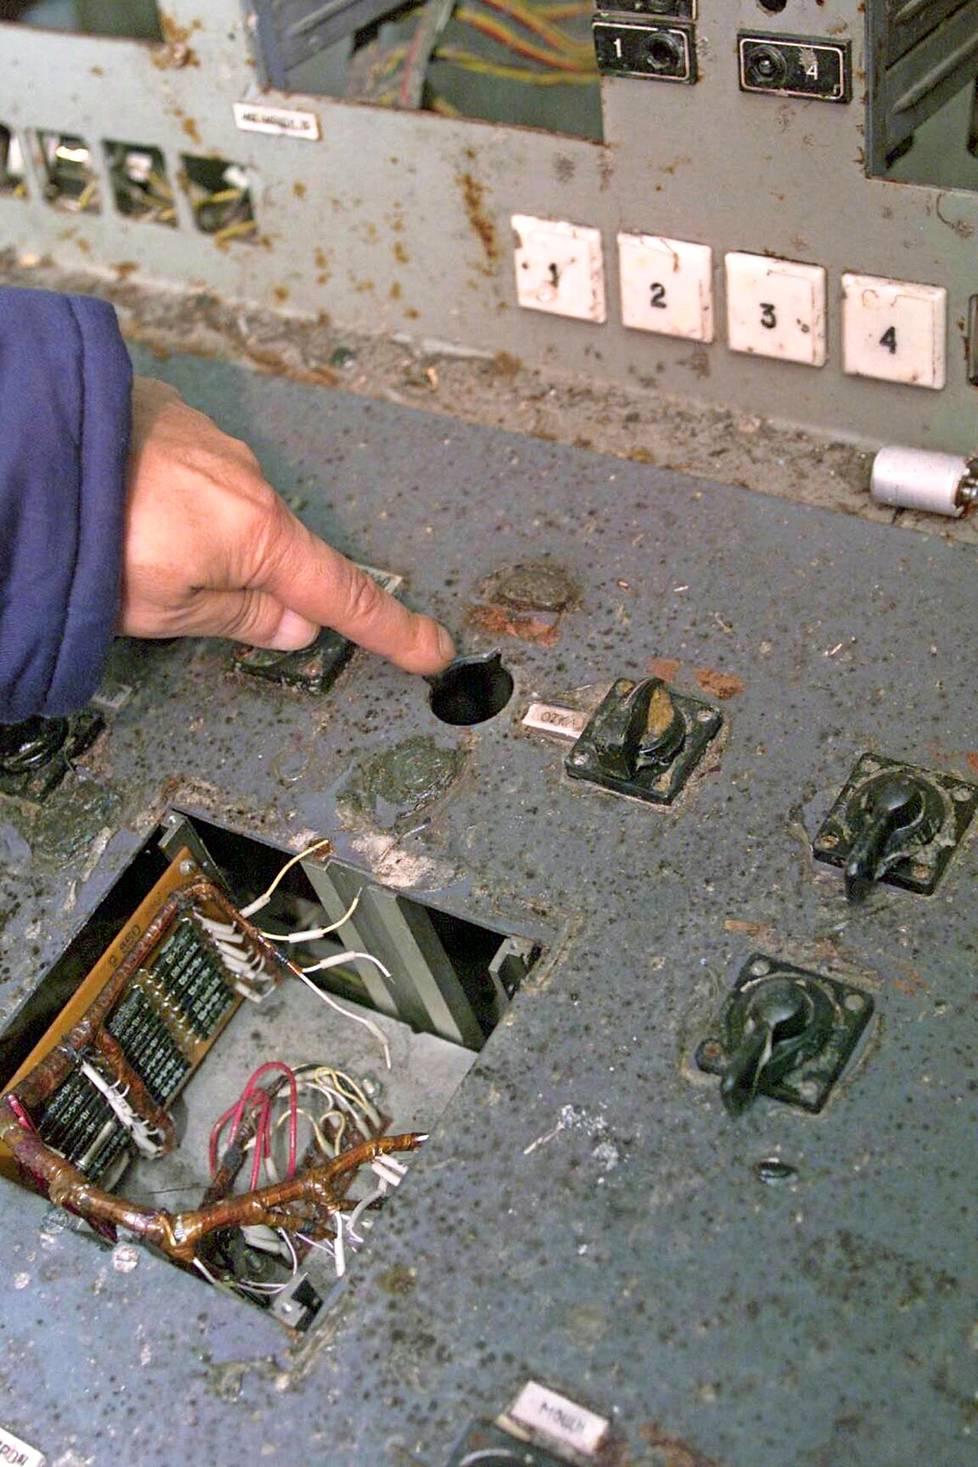 Reaktorin hätäpysäytyskatkasija AZ-5:n paikalla on tyhjä kolo Sen piti pysäyttää koe, mutta se laukaisikin tuhon. Valvomossa kokeen läpiviemisestä vastanneet ydinvoimalaoperaattorit saivat kuolettavan säteilyannoksen ja kuolivat ennen vuoden loppua.